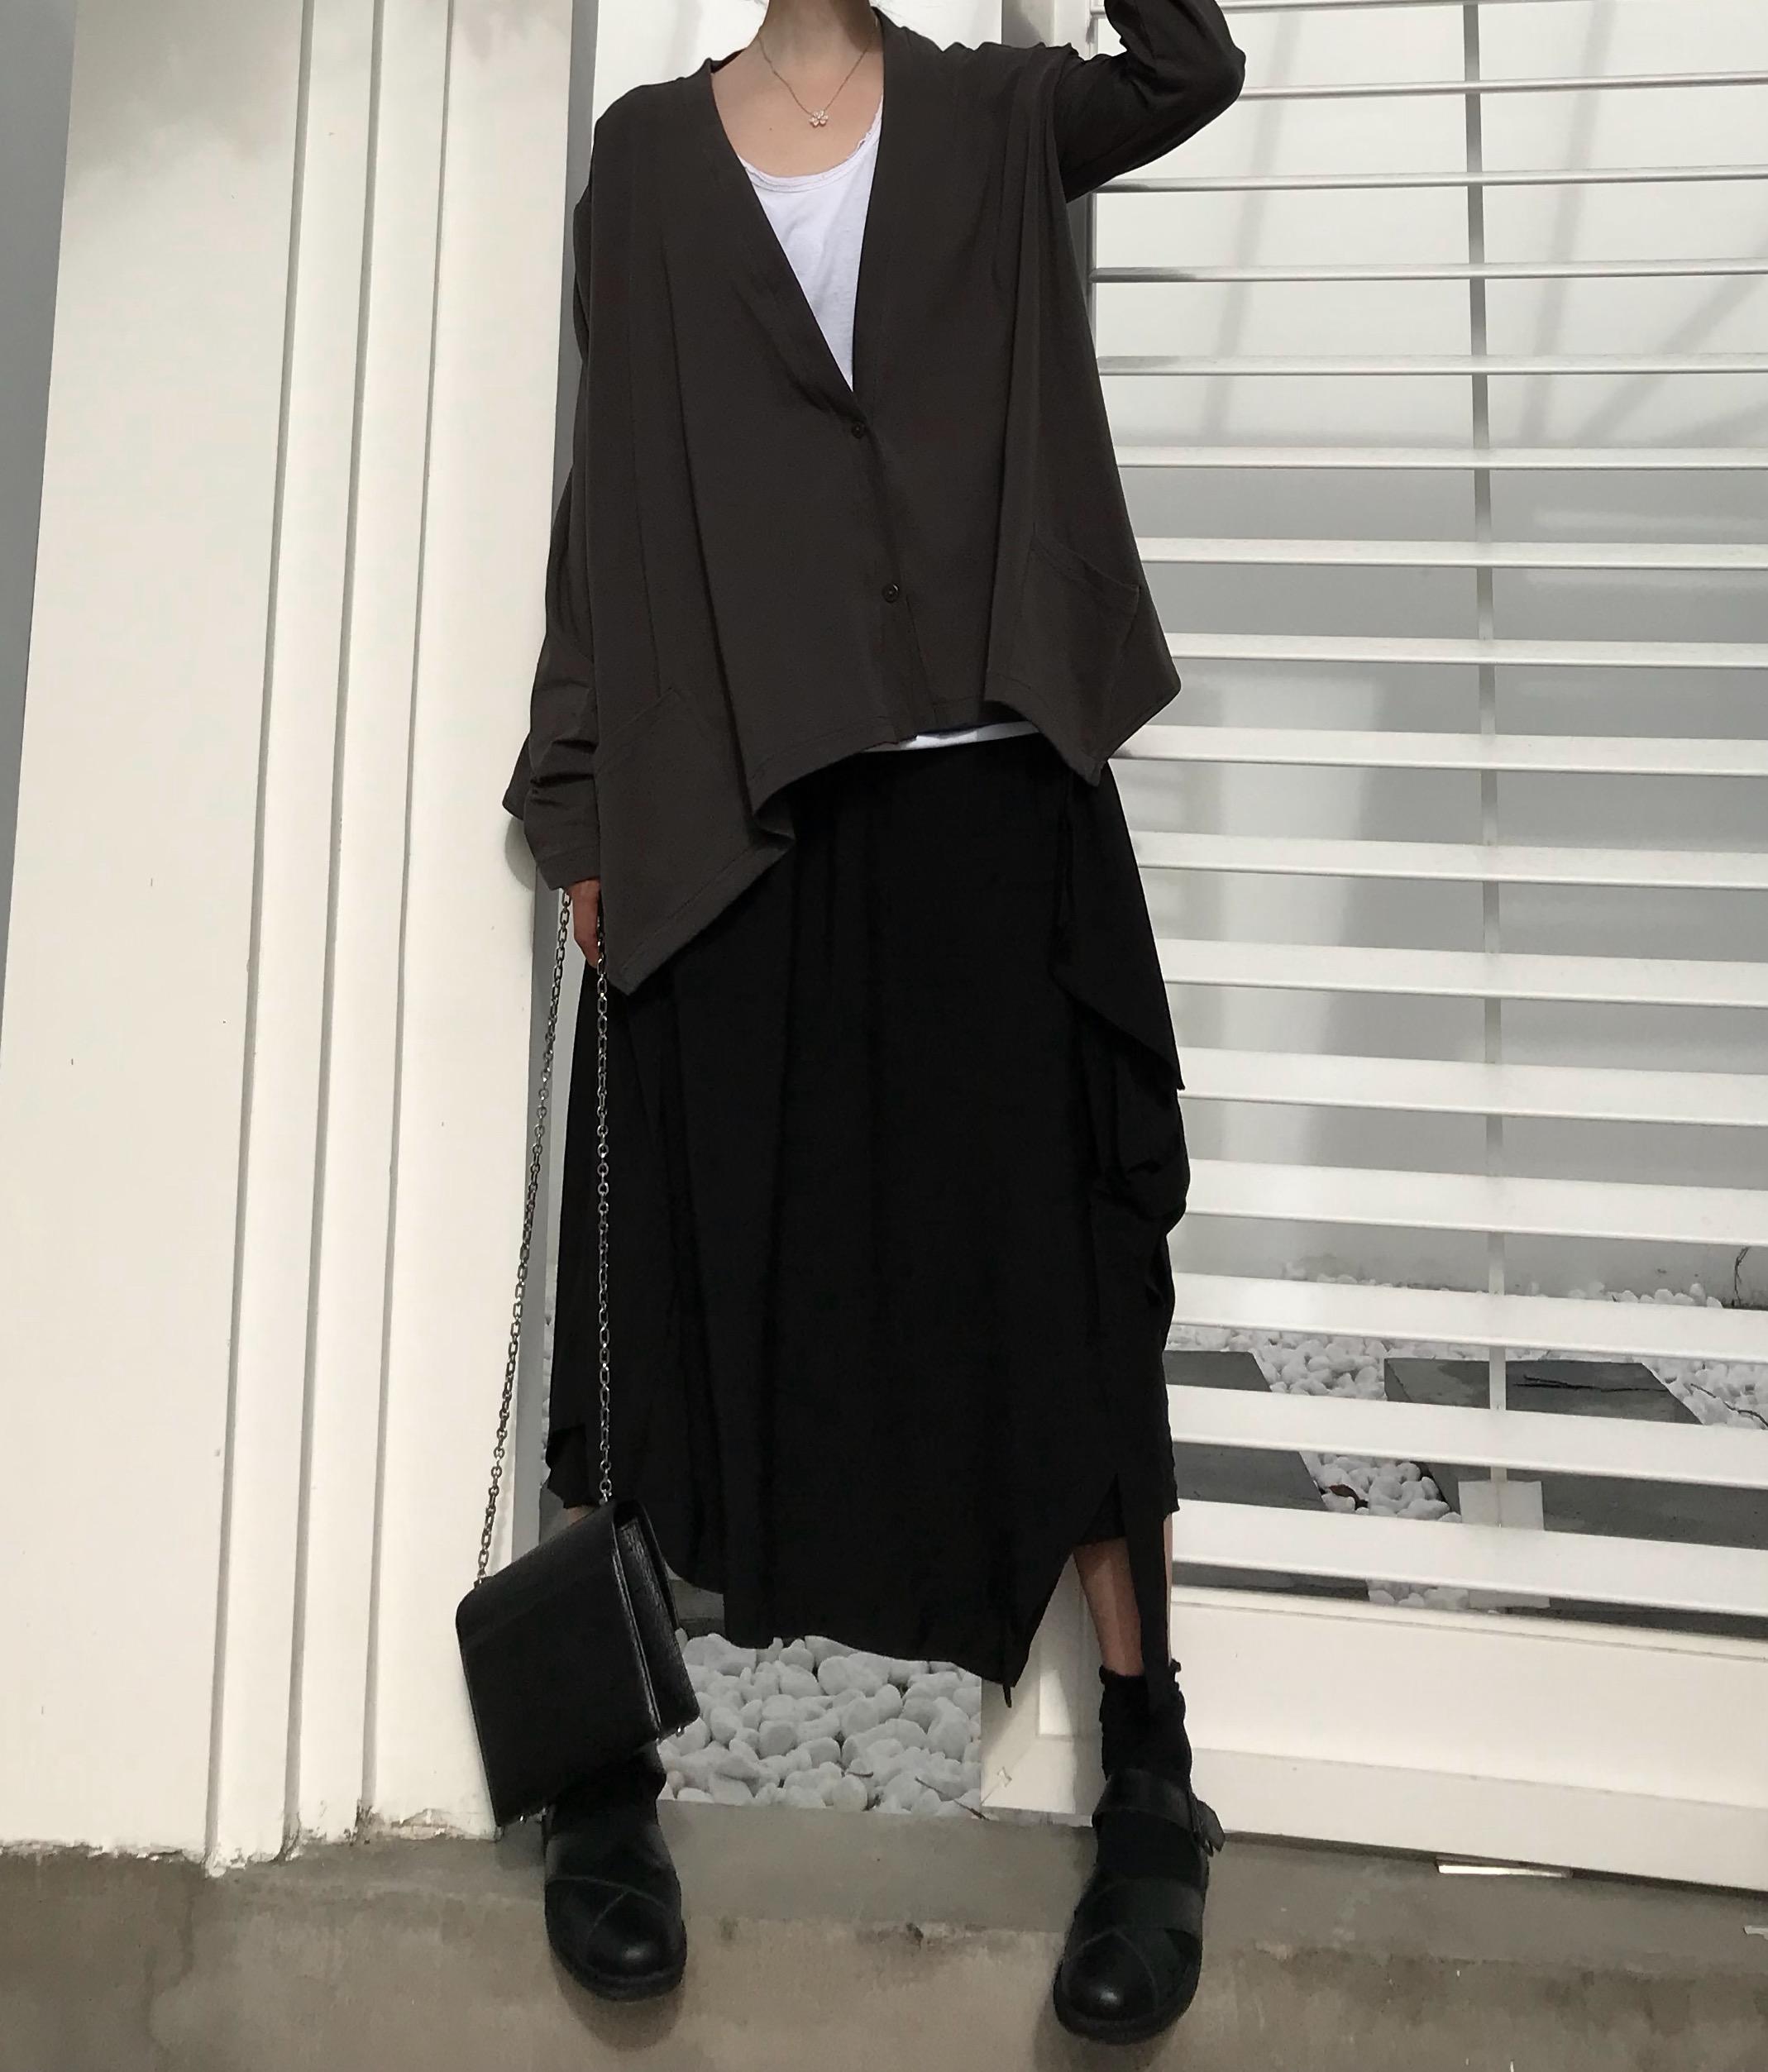 小八同学2018秋季新品港风暗黑系侧边设计感百搭半身裙